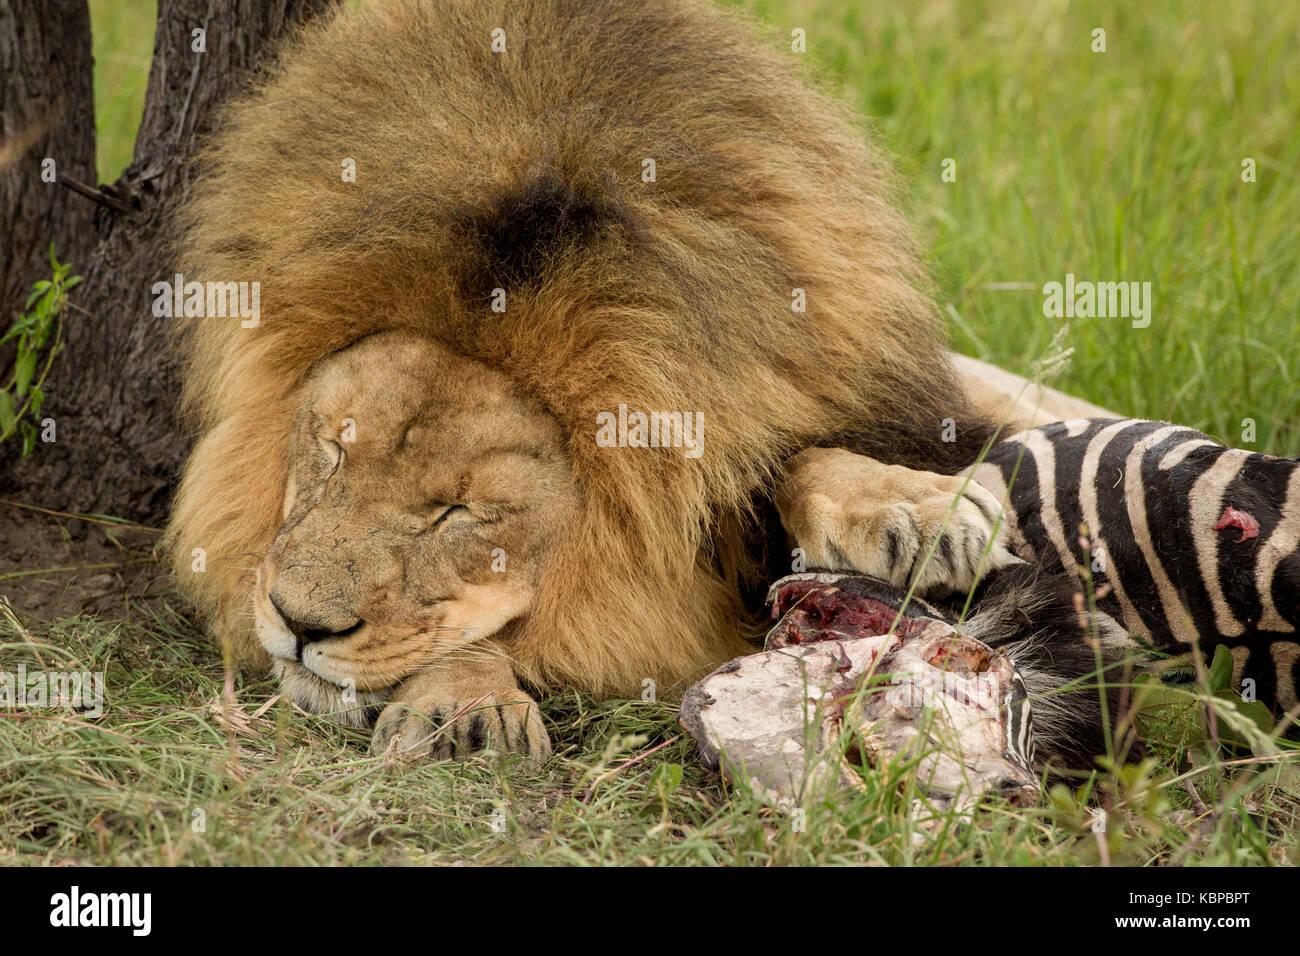 grand m le lion couch avec patte sur la protection de sa carcasse de z bre mort tuer pendant le. Black Bedroom Furniture Sets. Home Design Ideas